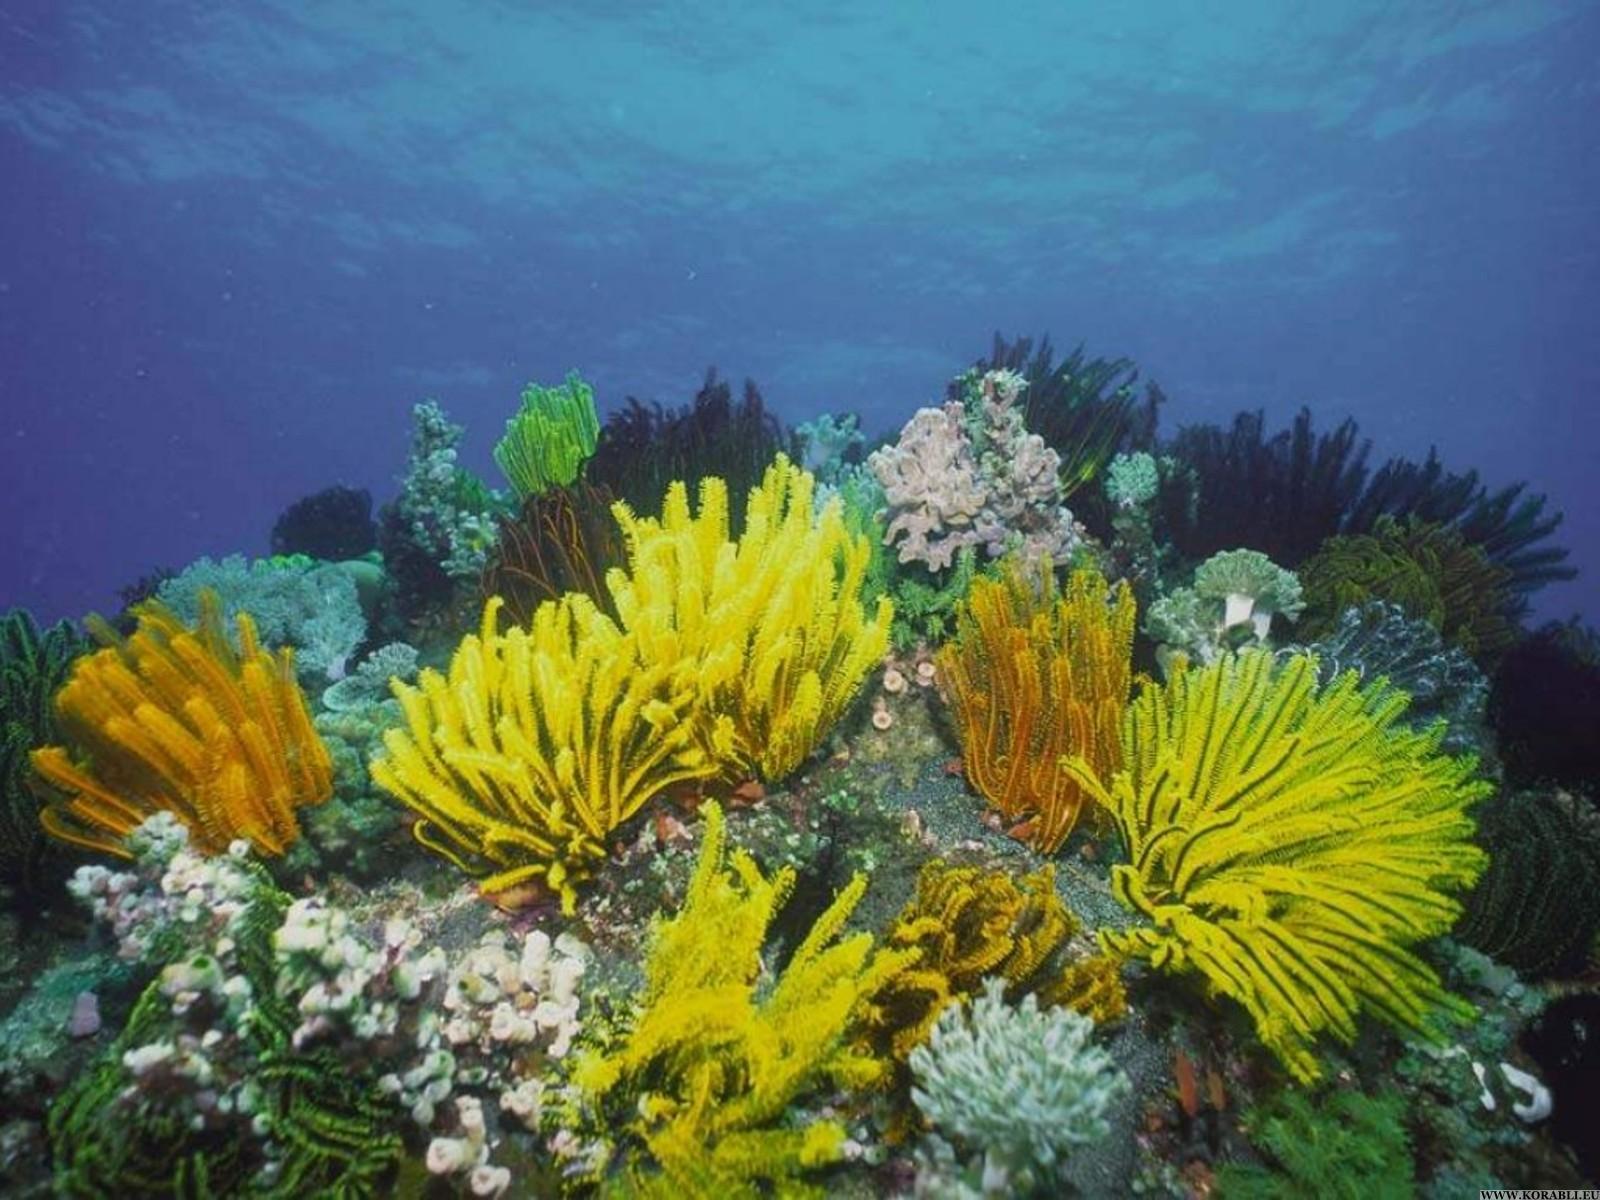 بالصور صور قاع البحر , شاهد اروع المناظر لقاع البحار 1075 9